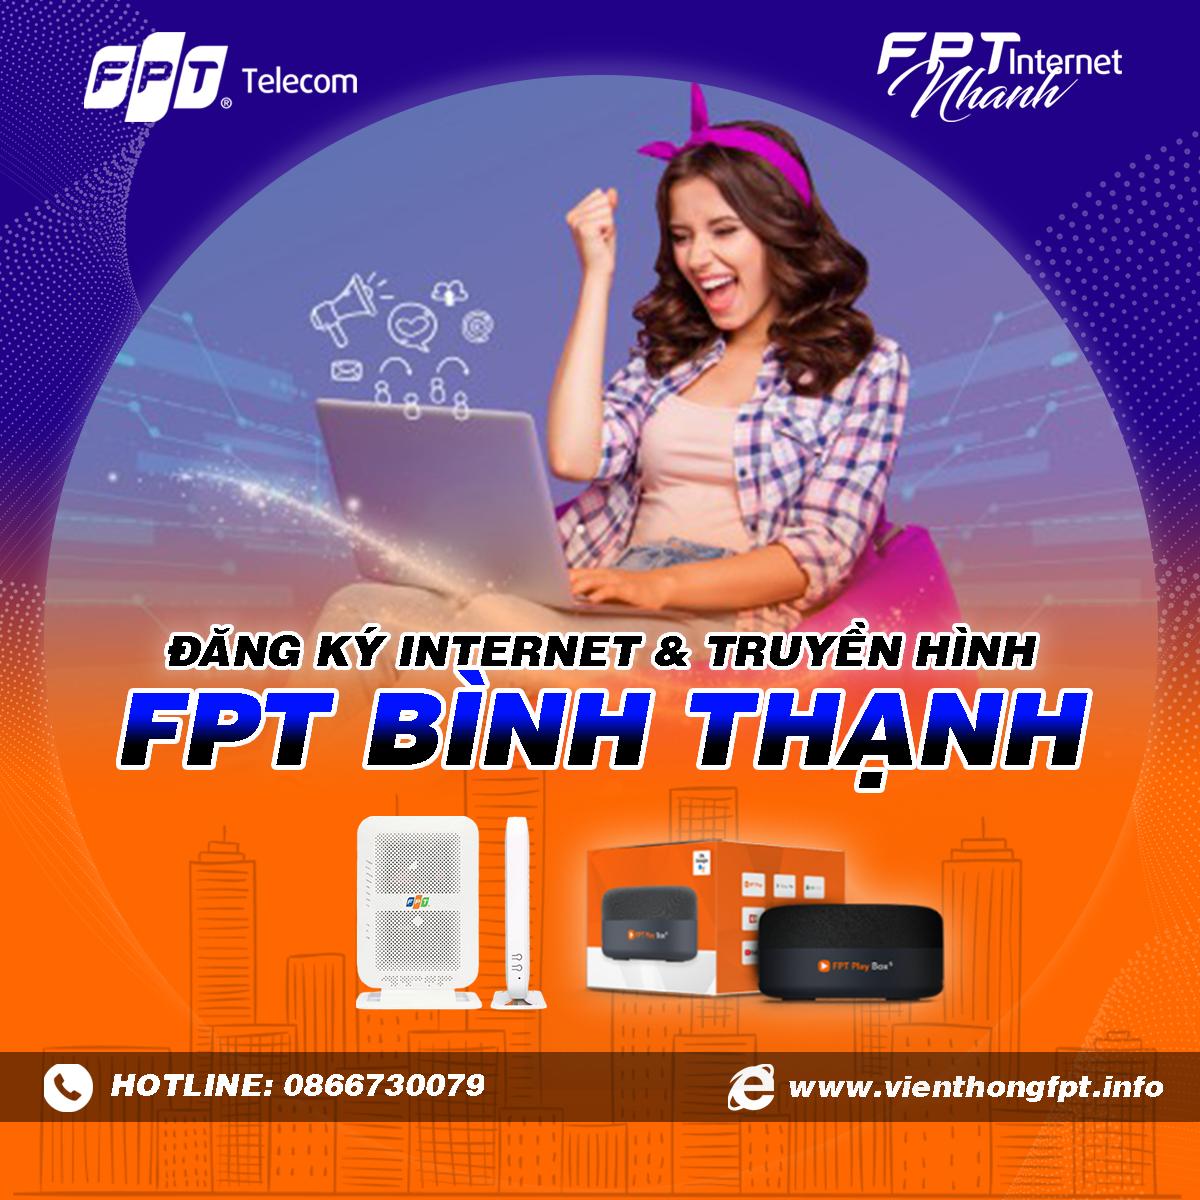 Tổng đài FPT Bình Thạnh - Đăng ký Internet và Truyền hình FPT